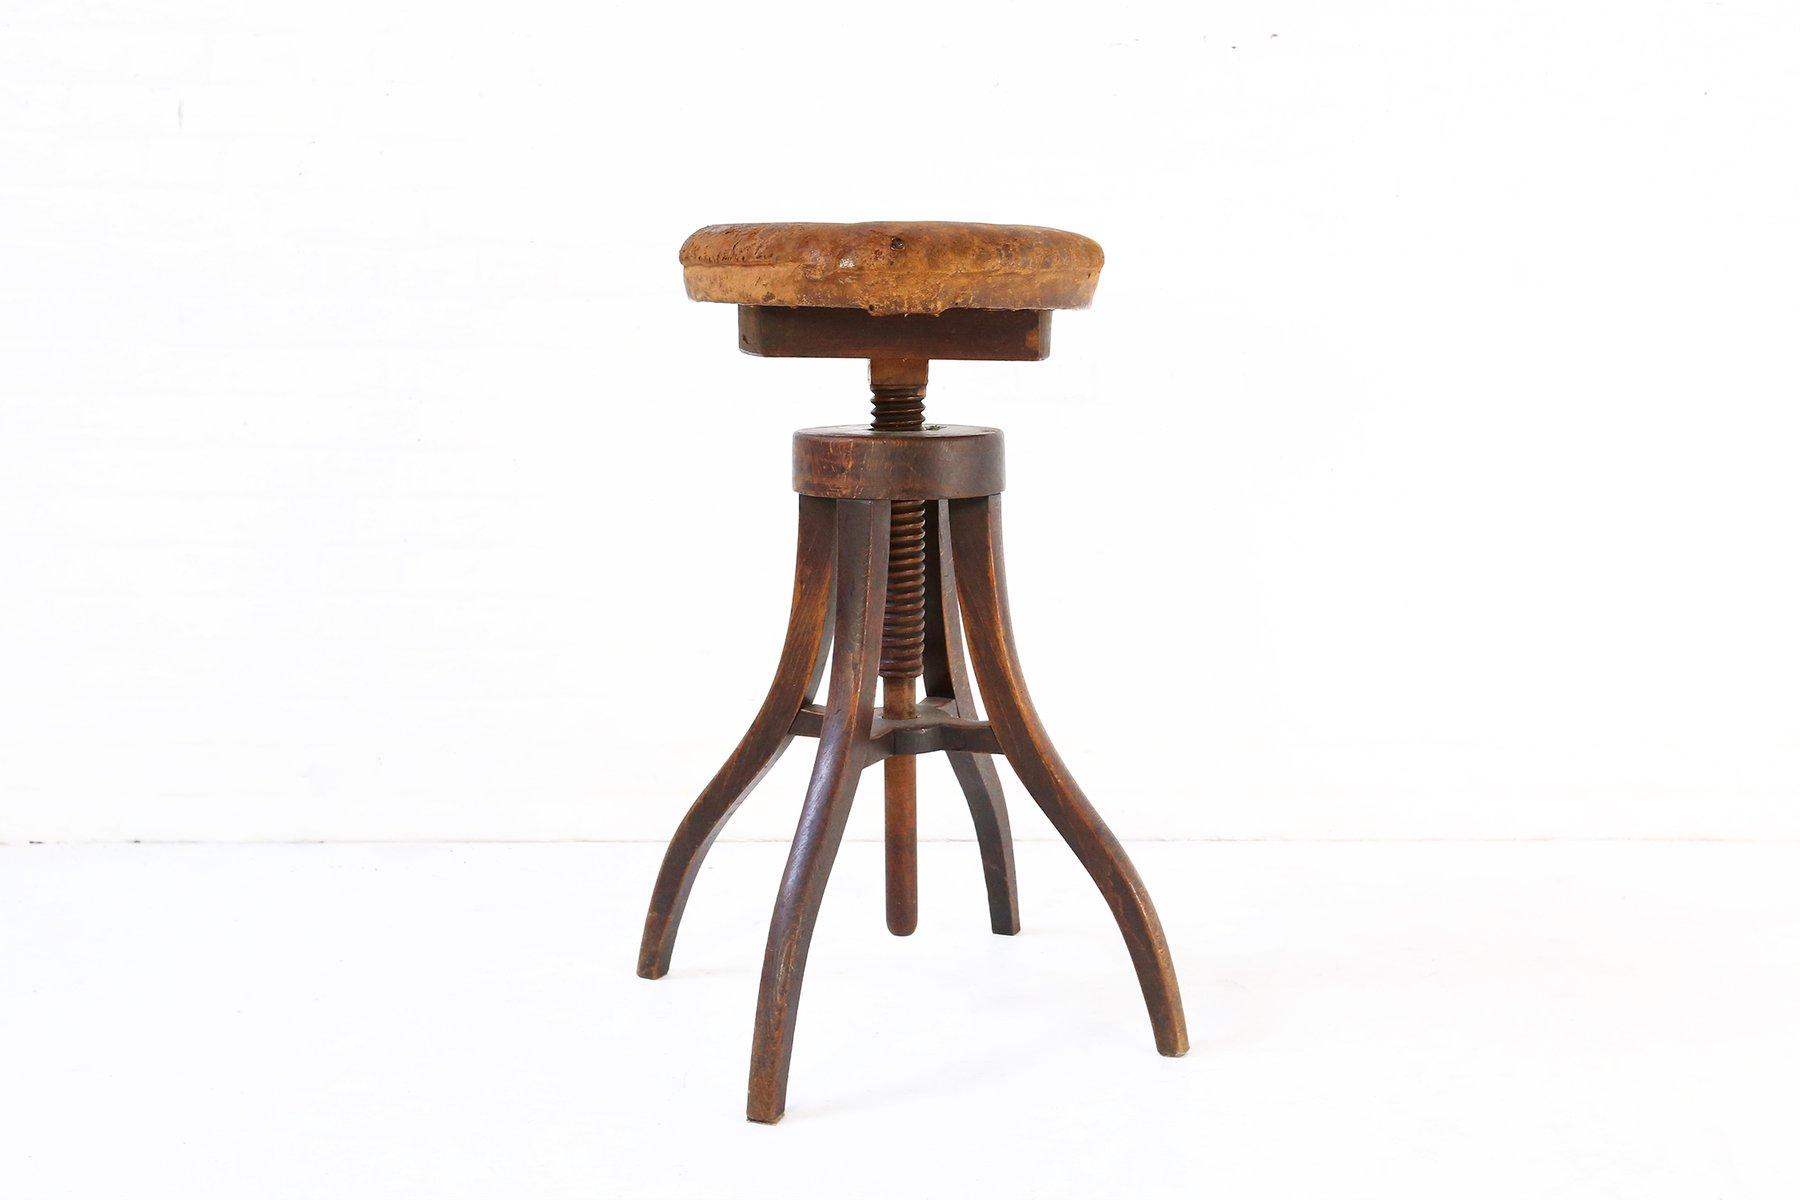 Sgabello regolabile antico in legno e pelle danimarca in vendita su